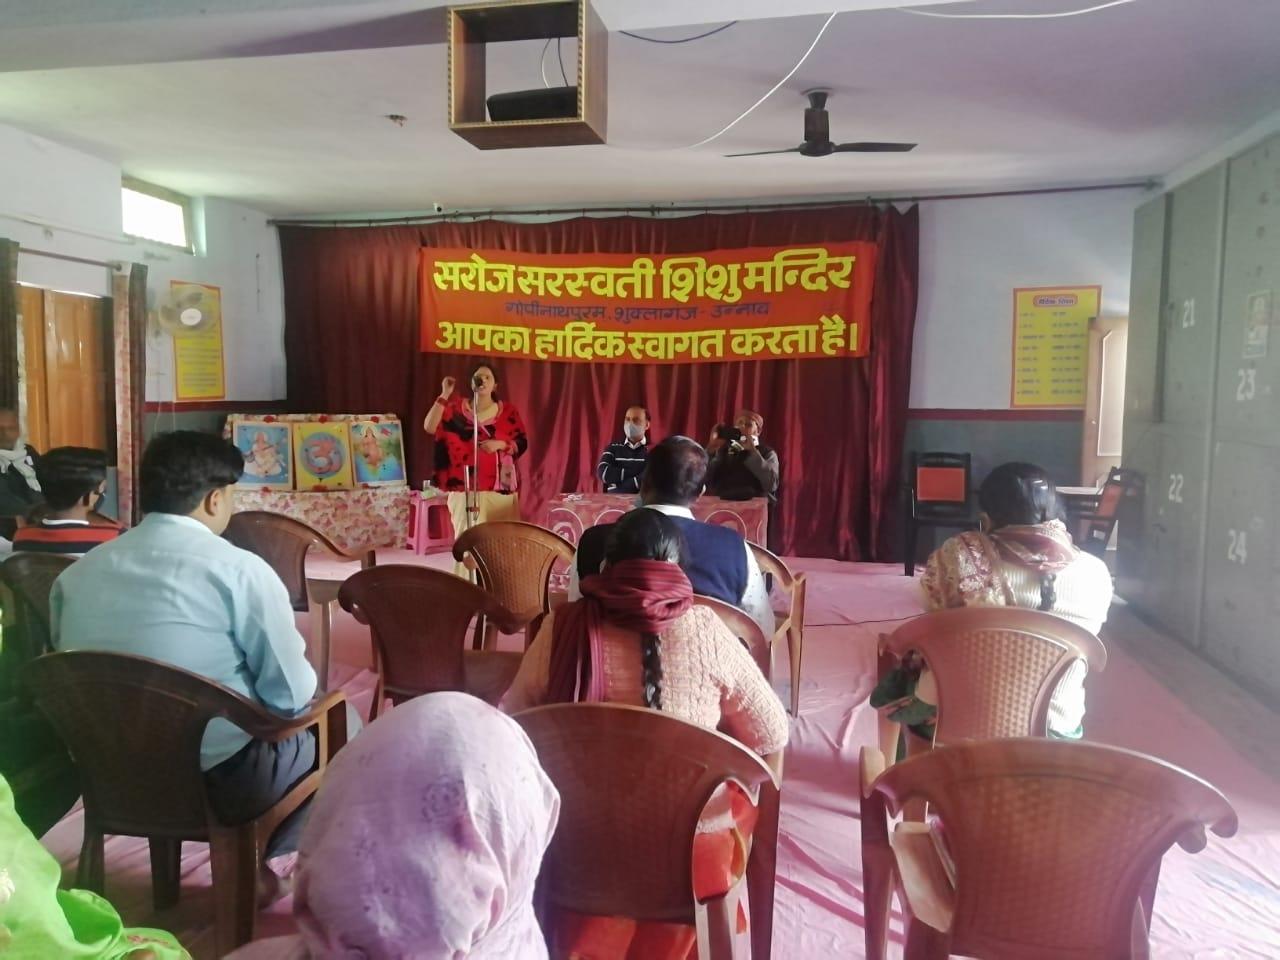 सरोज सरस्वती शिशु मन्दिर मे पैरेंट्स डे पर हुआ कार्यक्रम